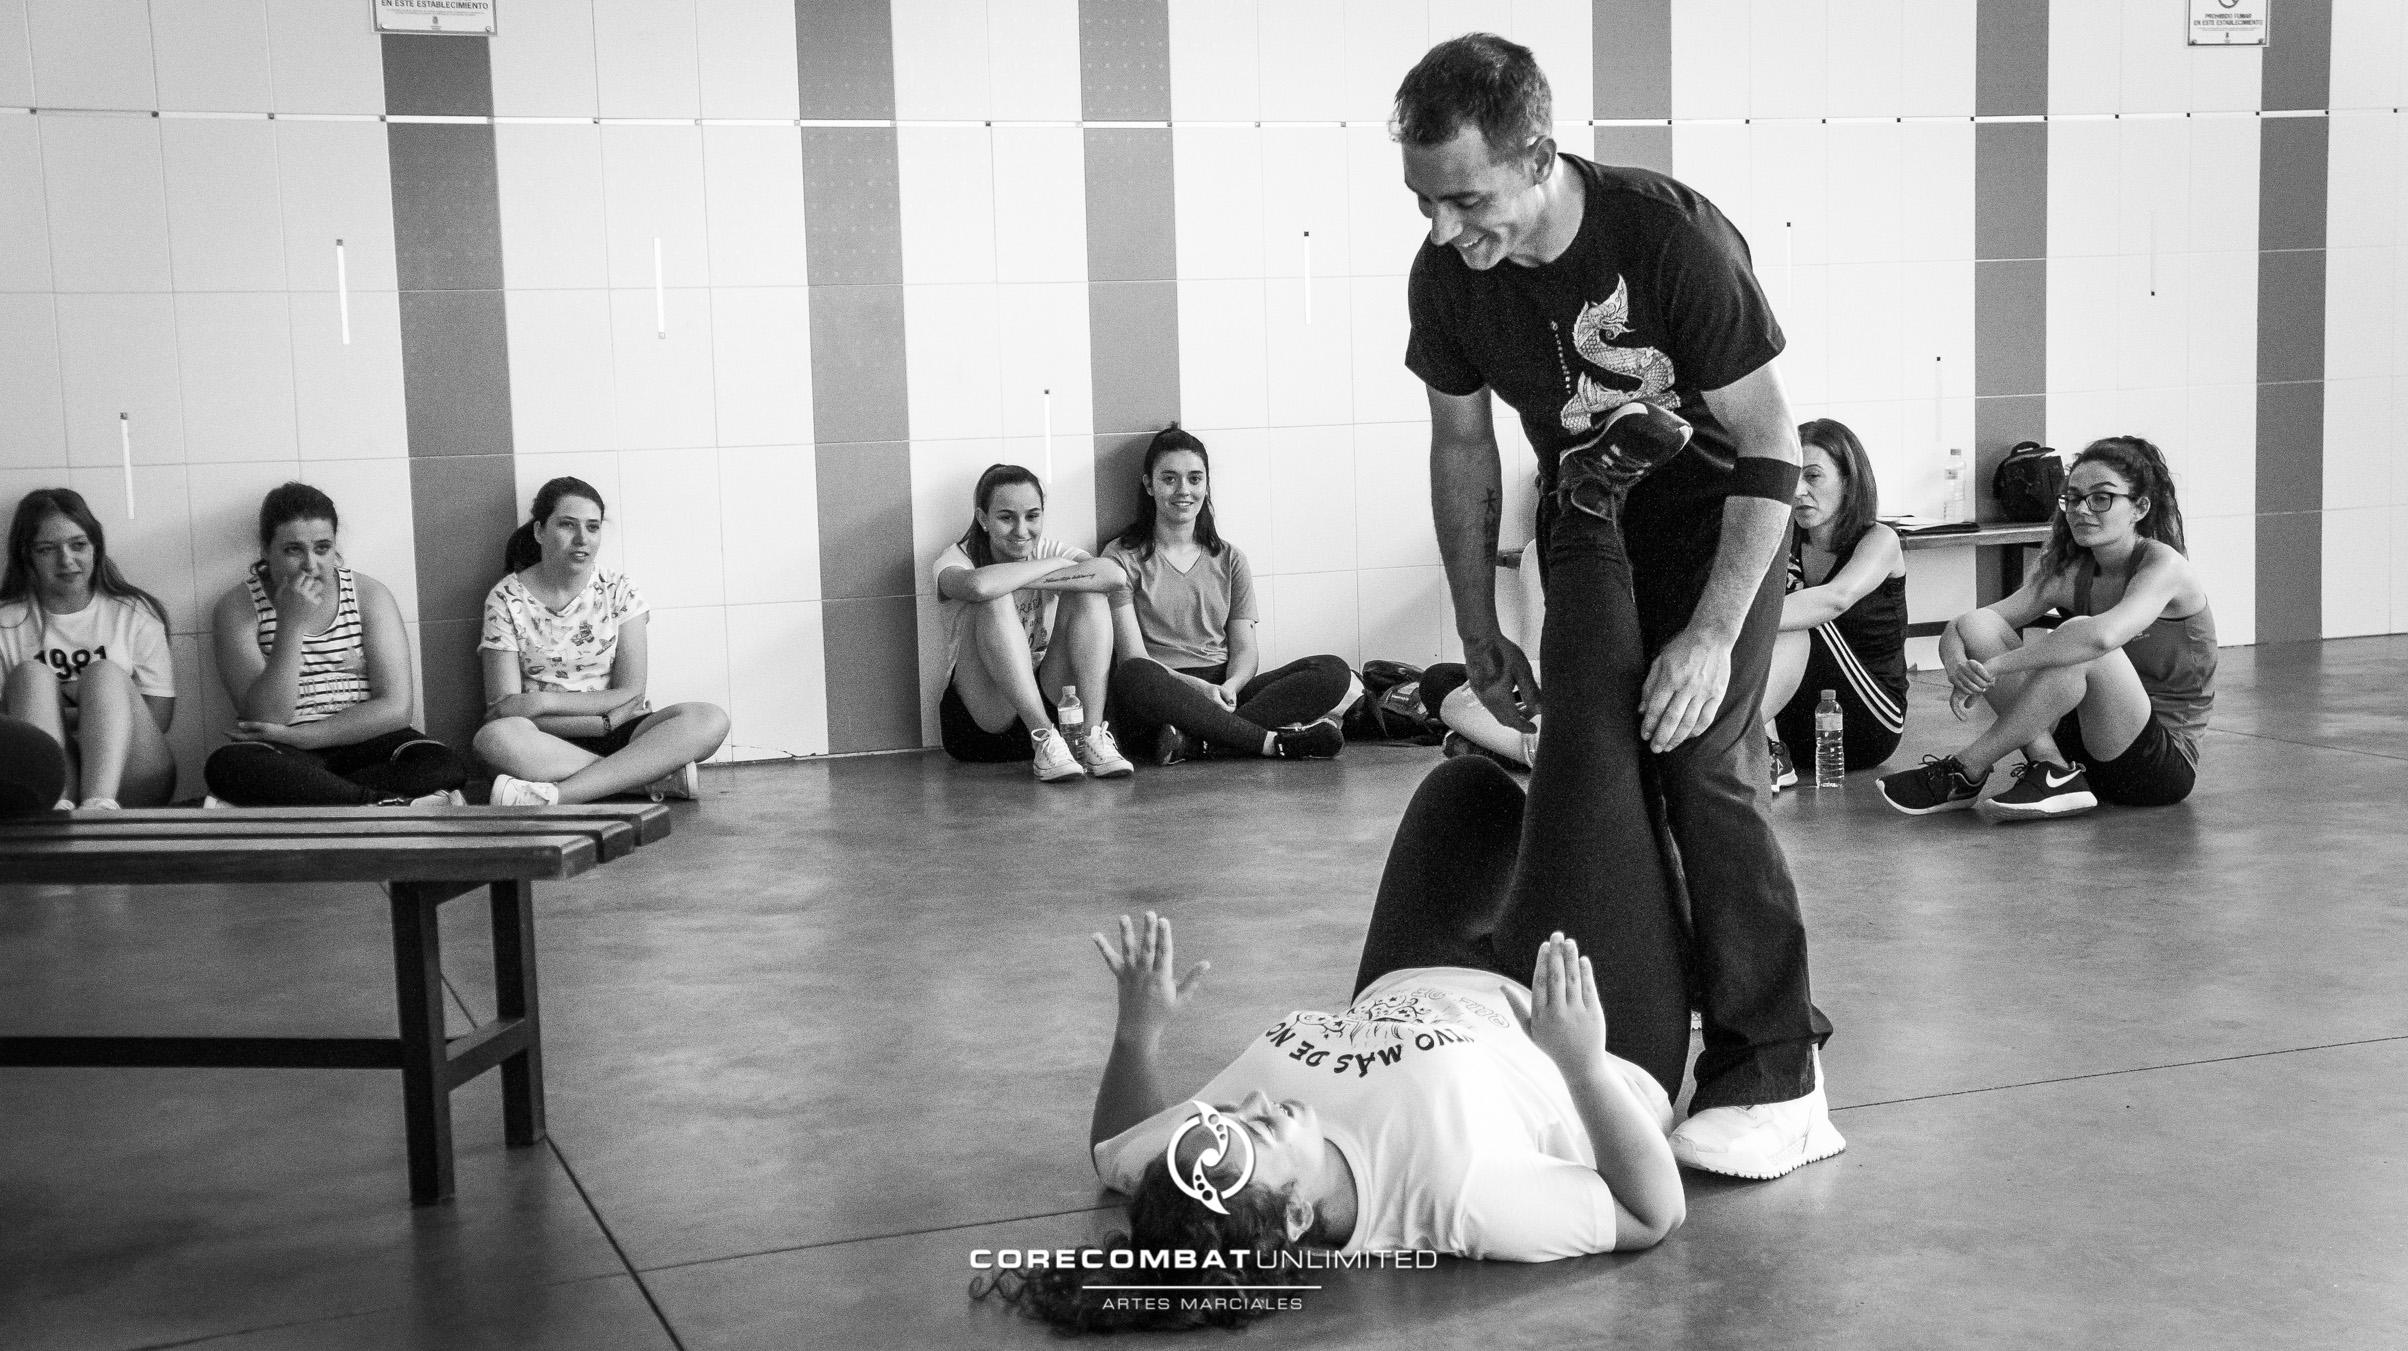 curso-defensa-personal-para-mujeres-zamora-coreses-artes-marciales-zamora-core-combat-salamanca-valladolid-leon-madrid-39